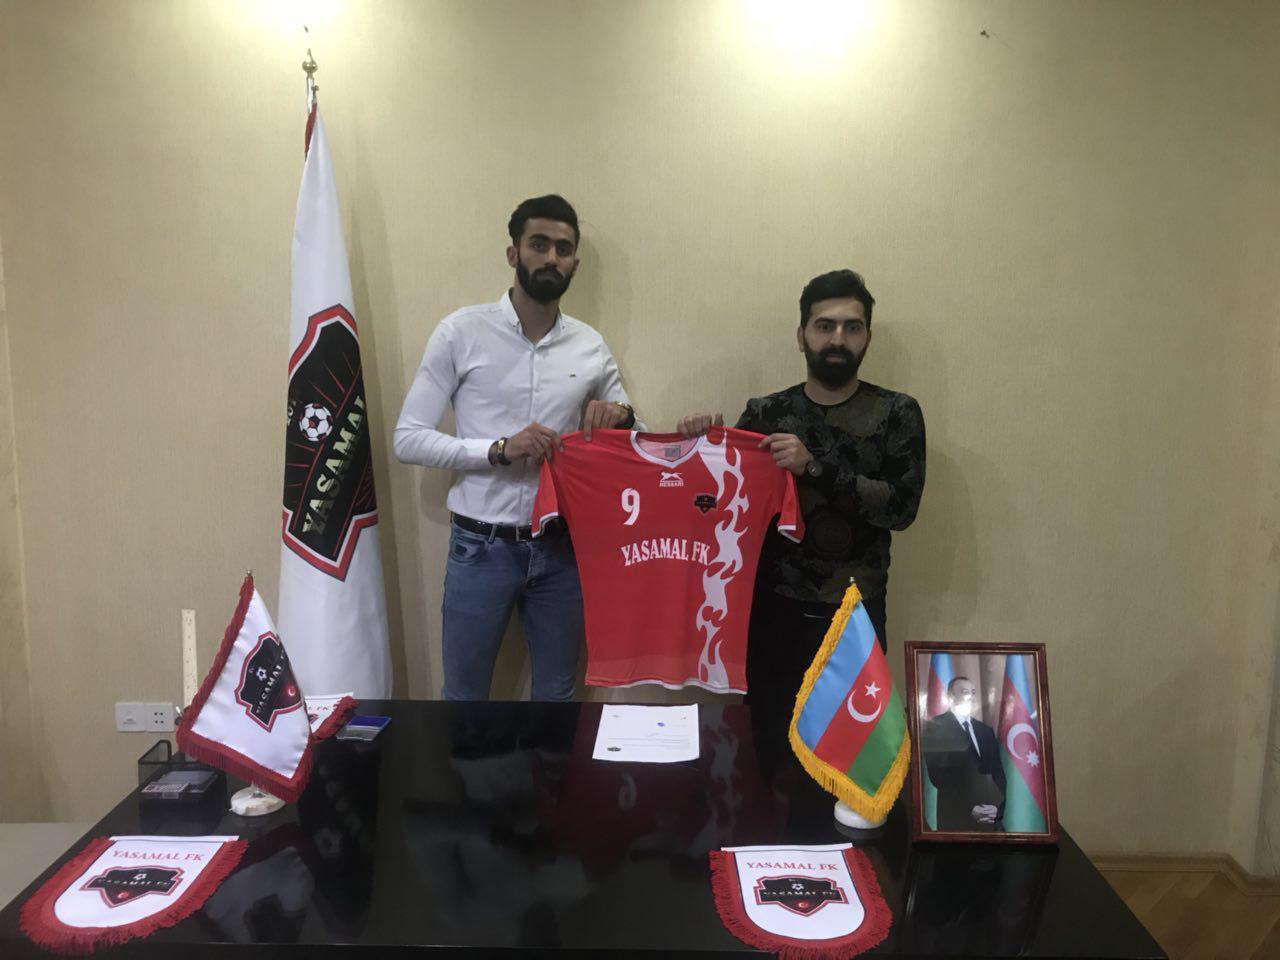 یک فوتبالیست دیگر مازندرانی نیز راهی آذربایجان شد + تصاویر